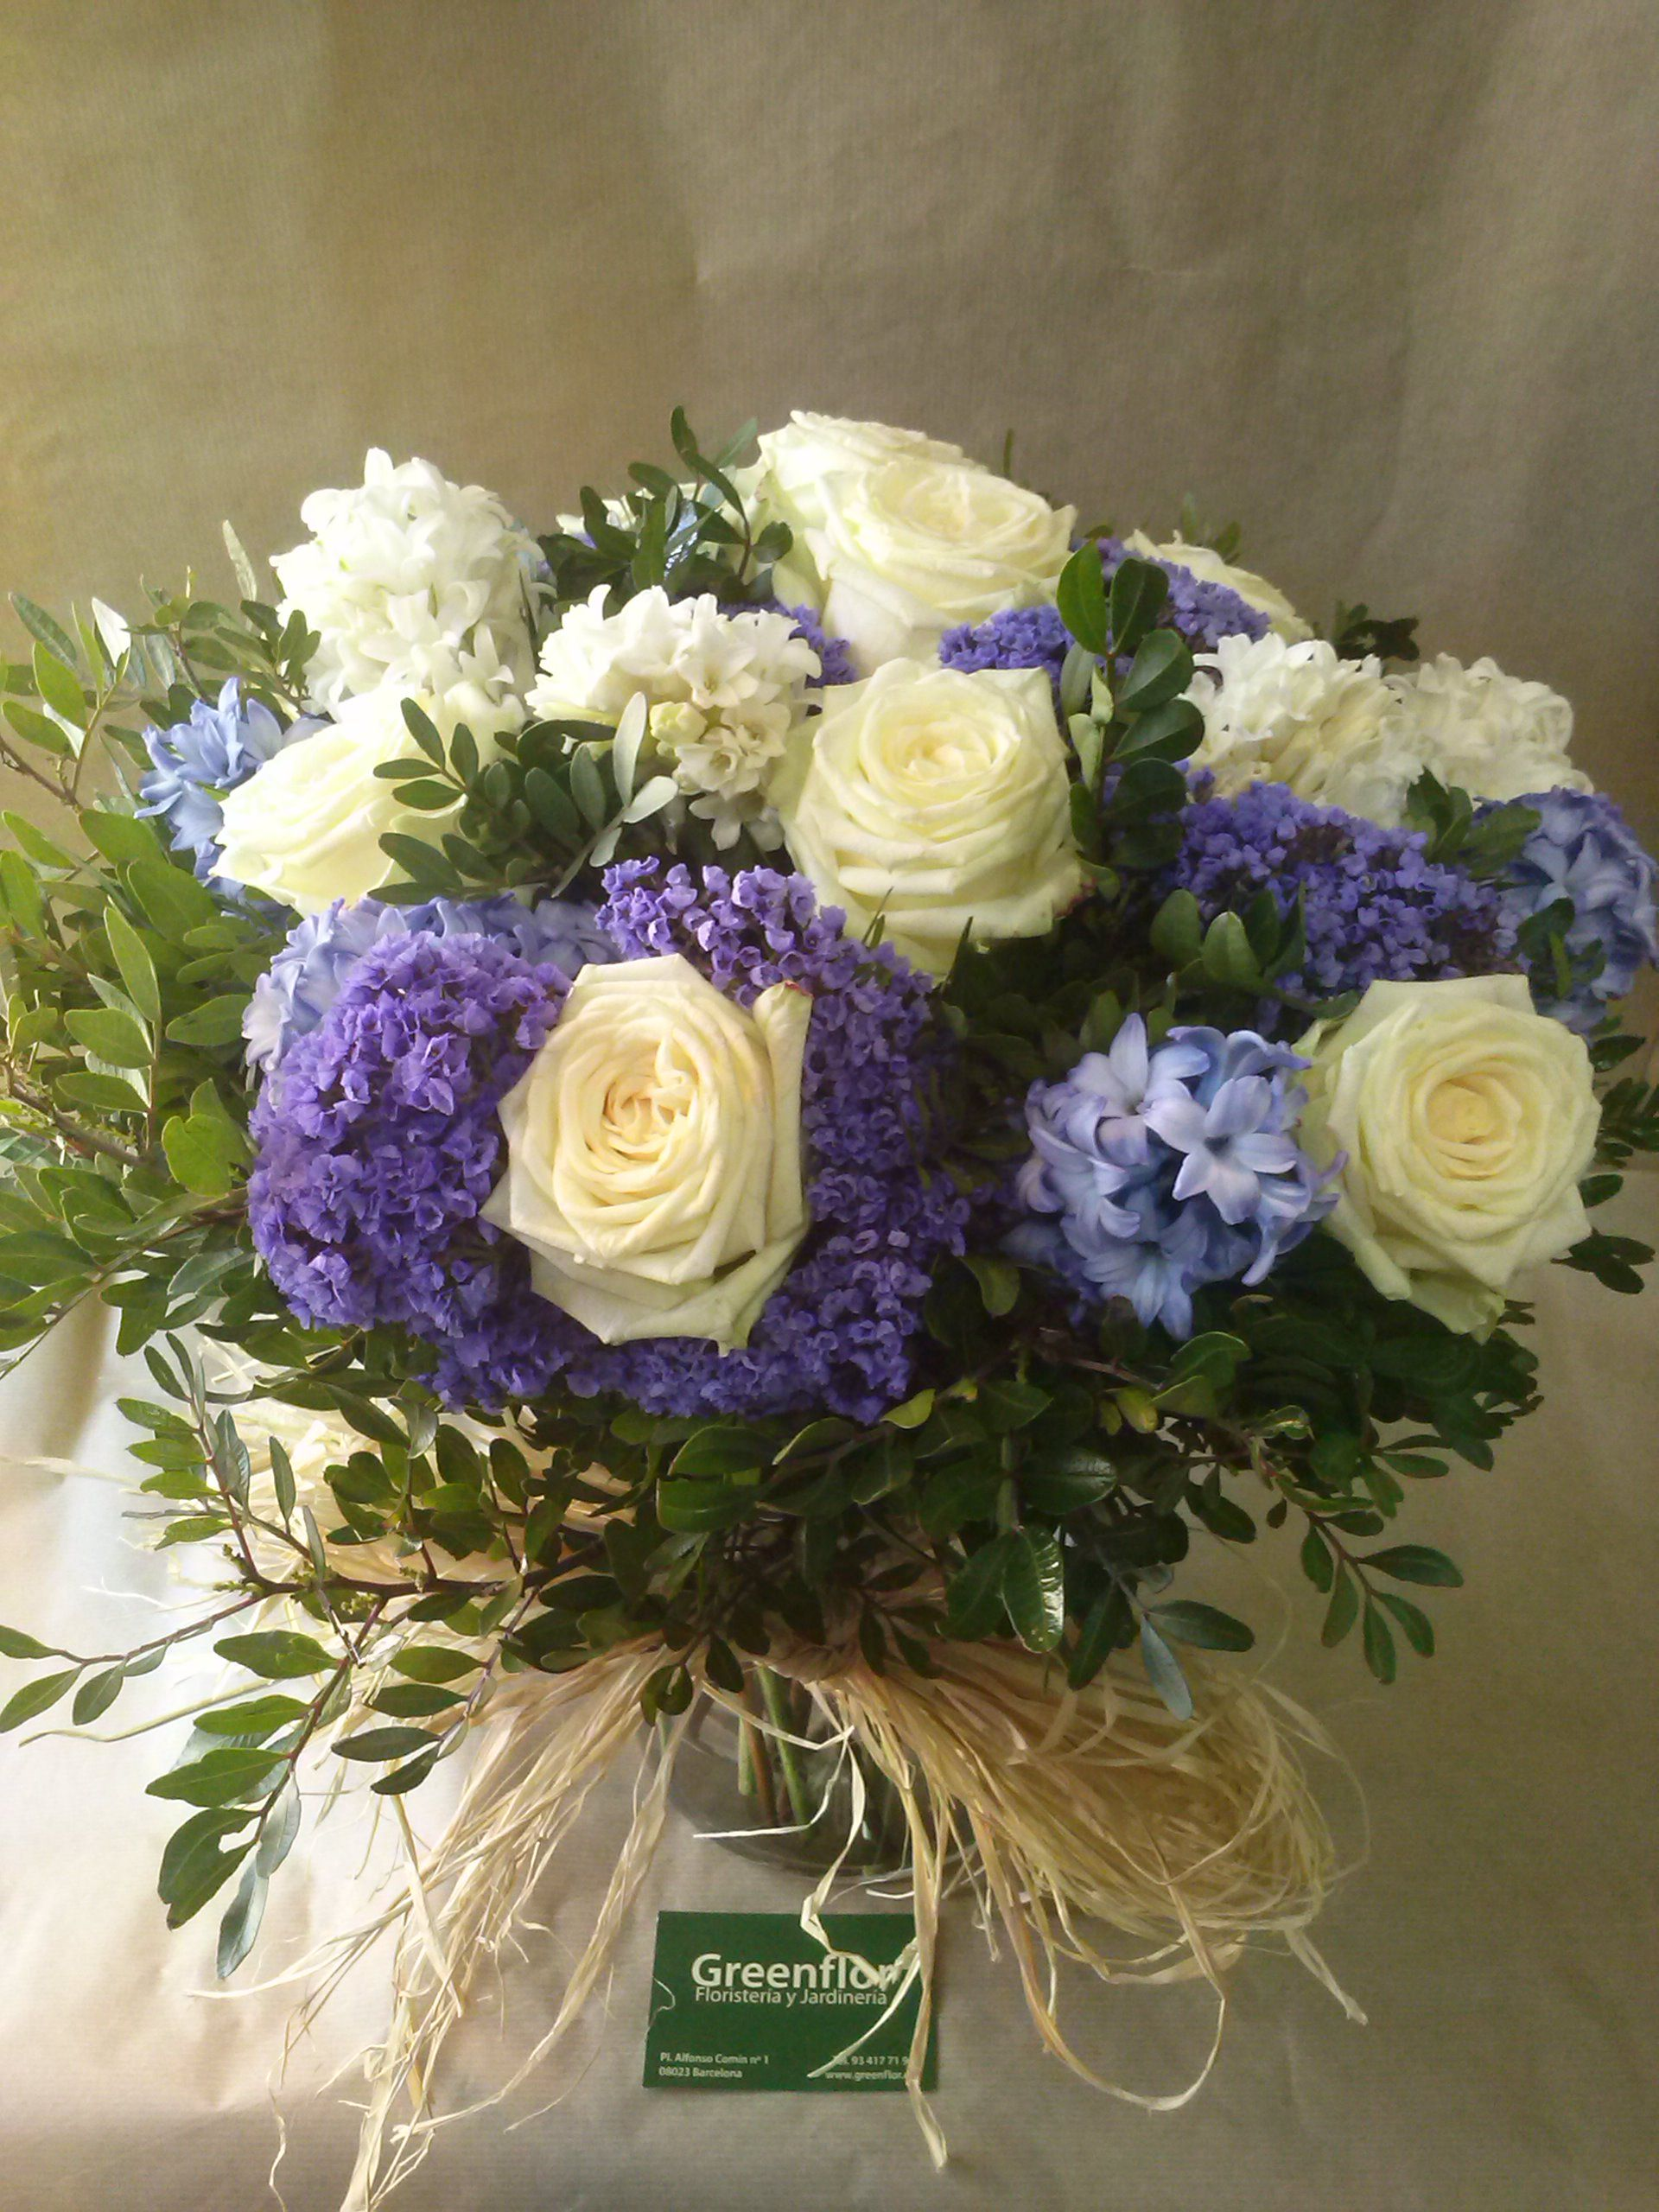 Bouquet de flor azul y blanco productos y servicios de for Jardineria a domicilio barcelona